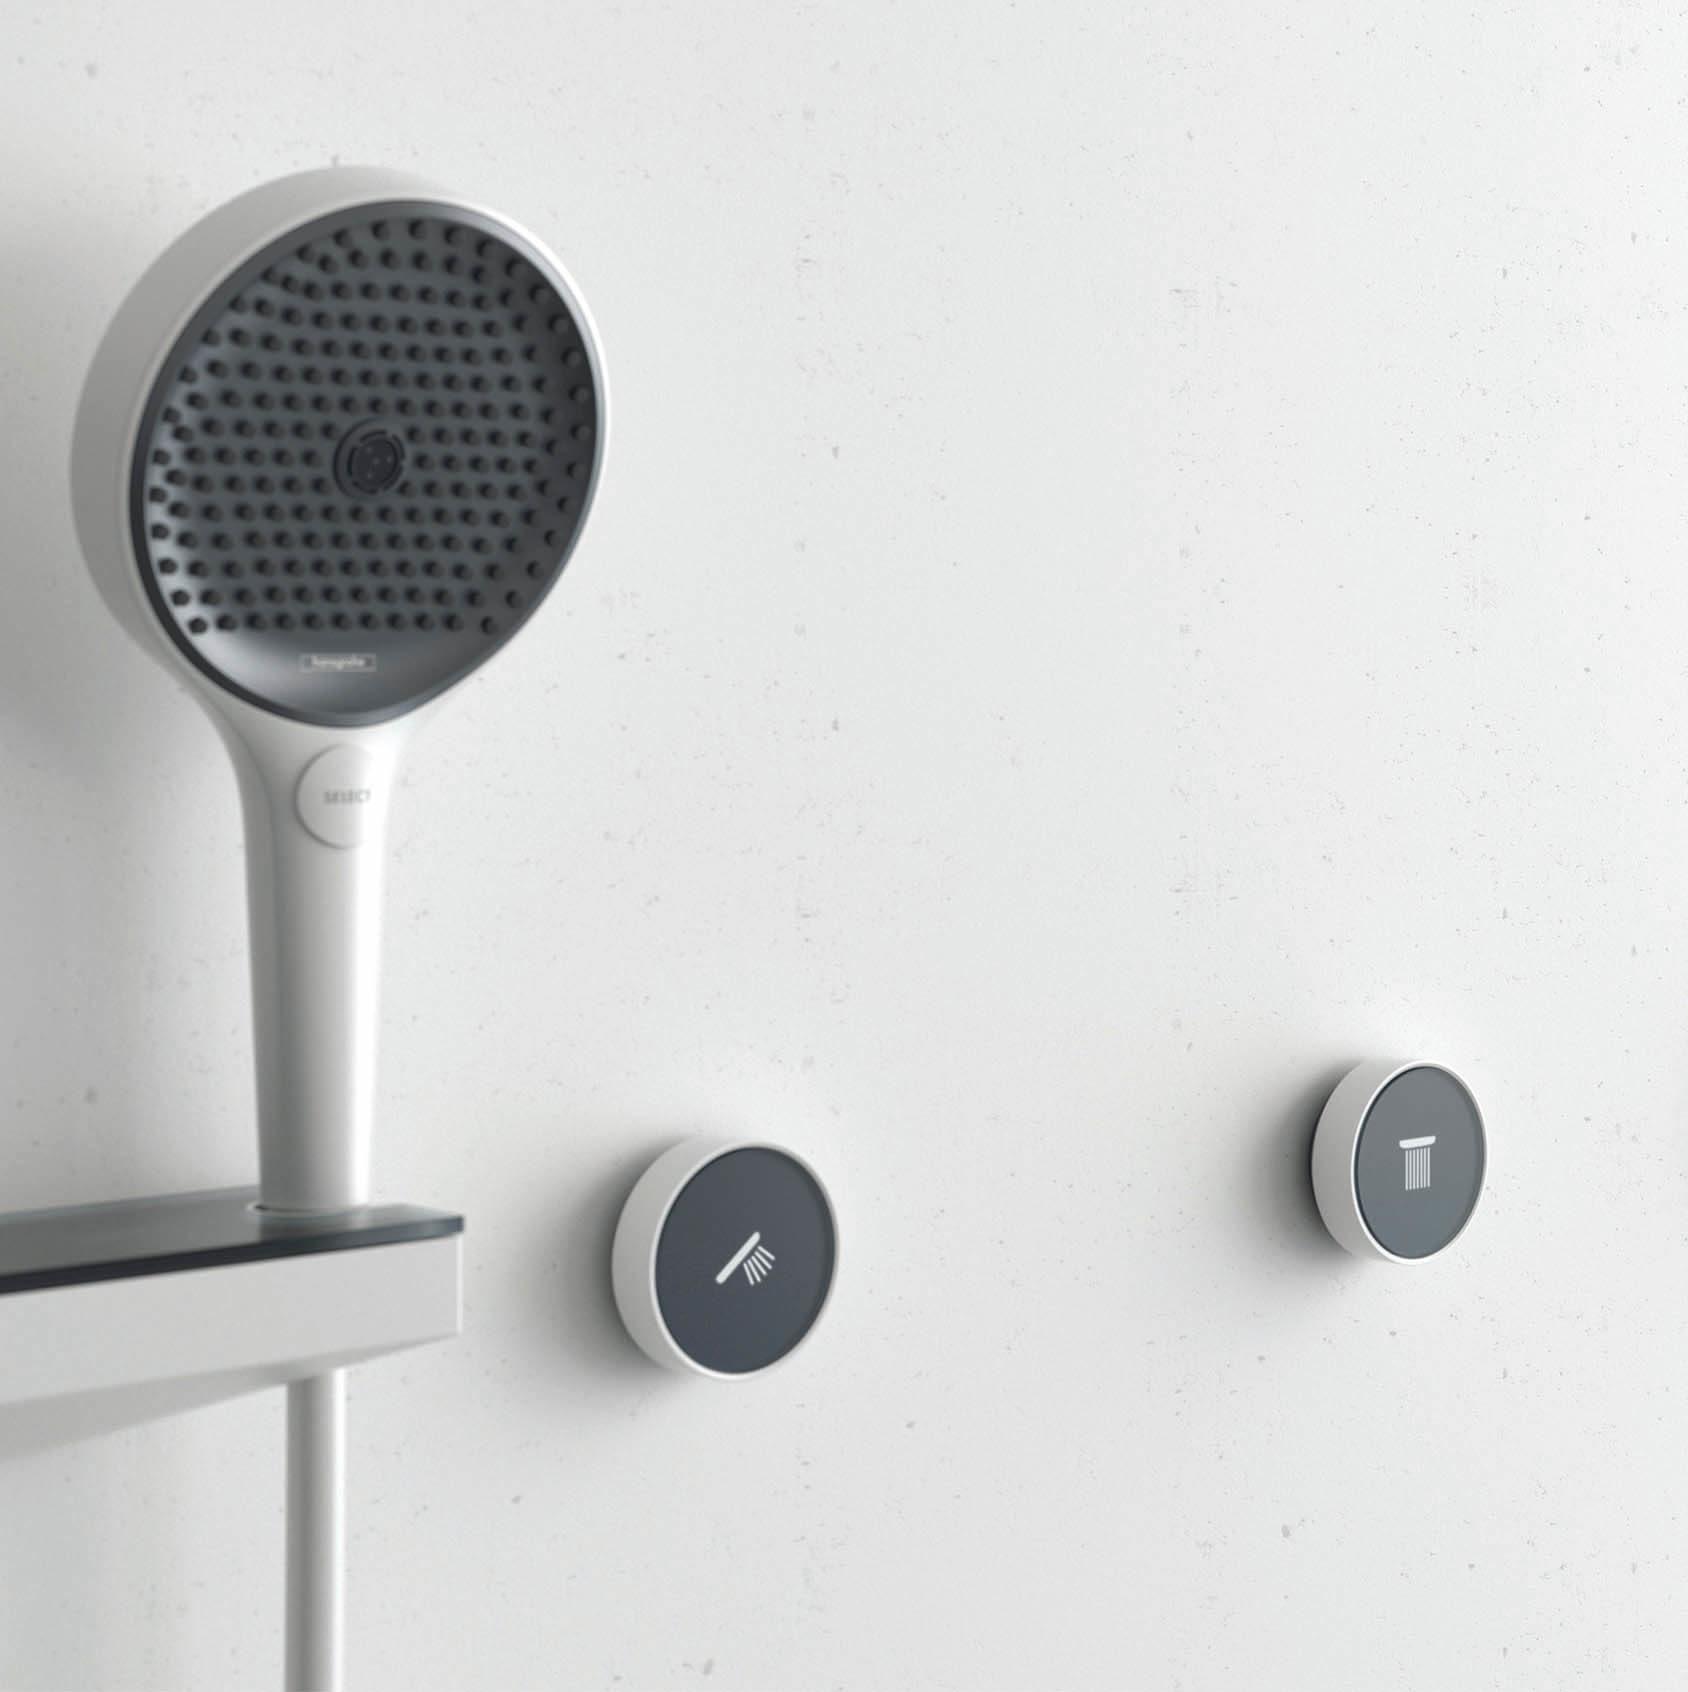 RainButton Bedienelemente für die Dusche